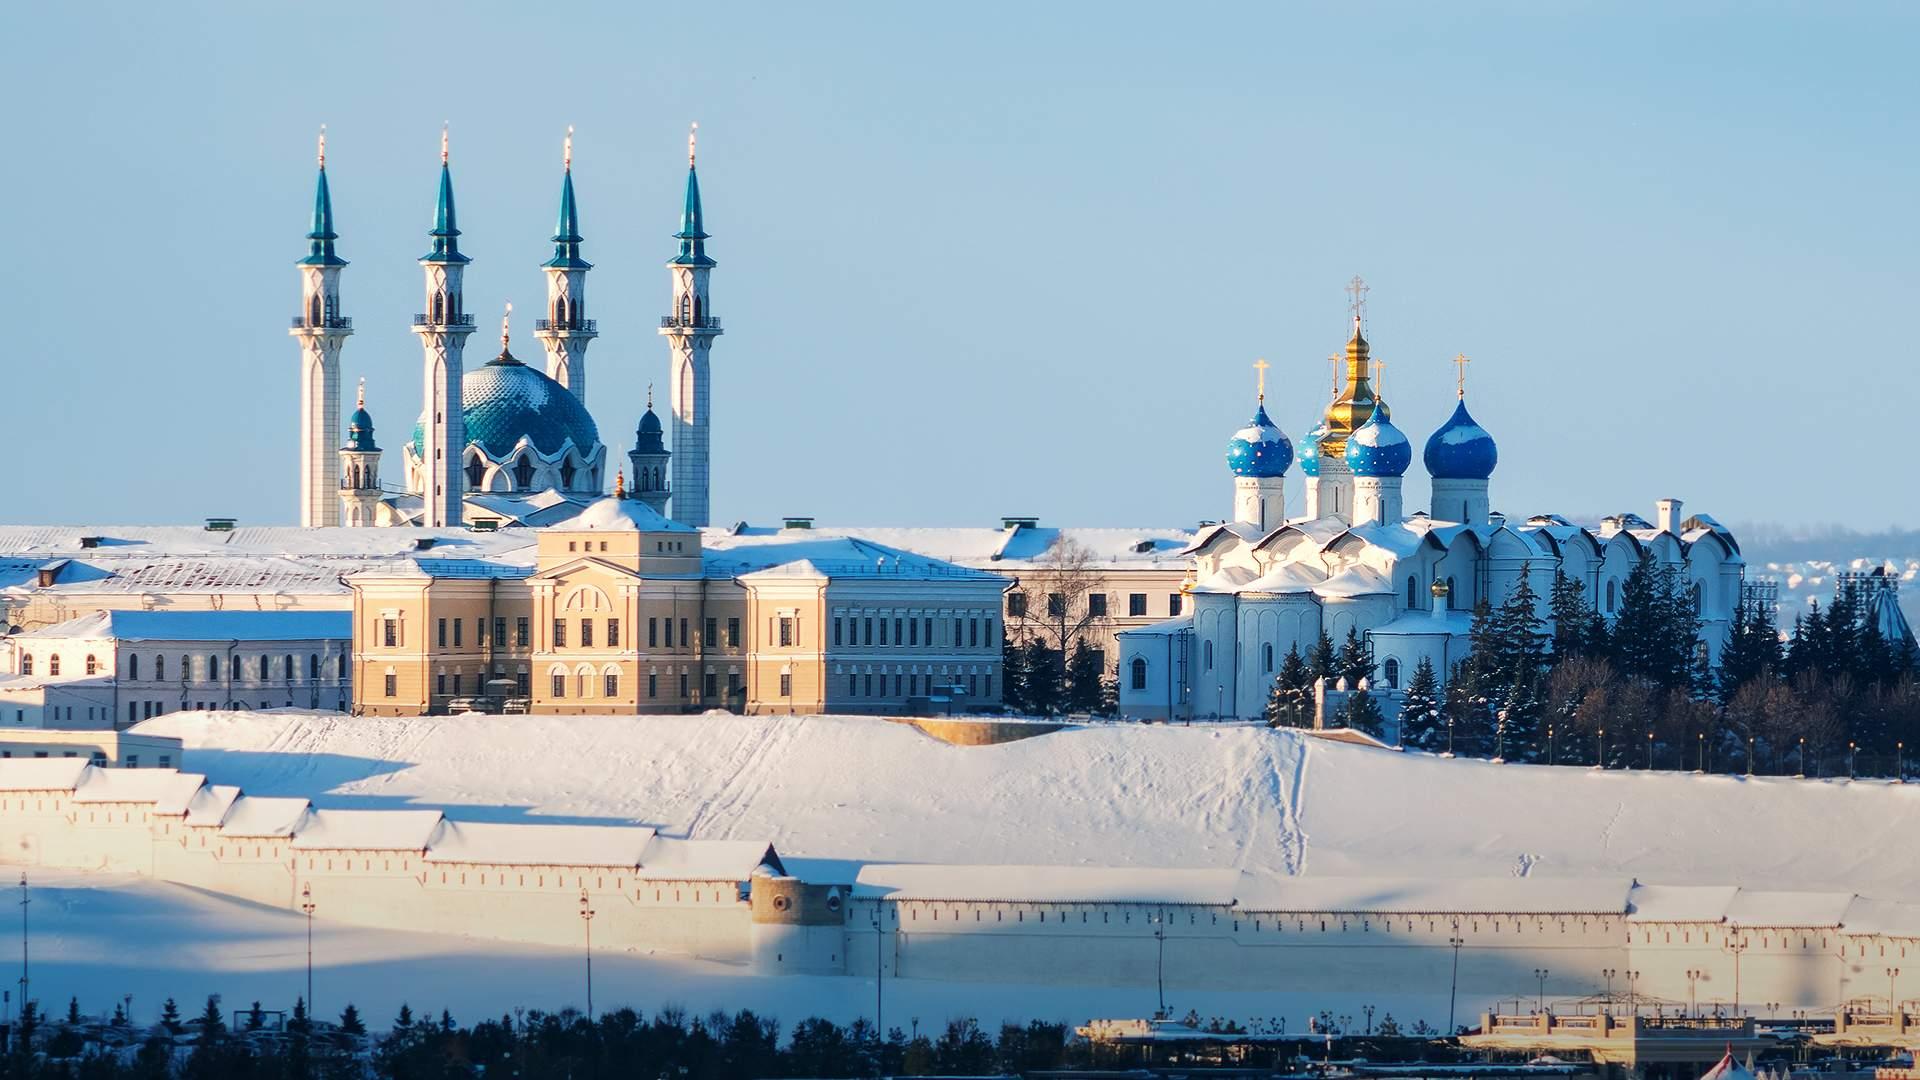 Казань на арене: зачем ехать зимой в столицу Татарстана | Статьи | Известия